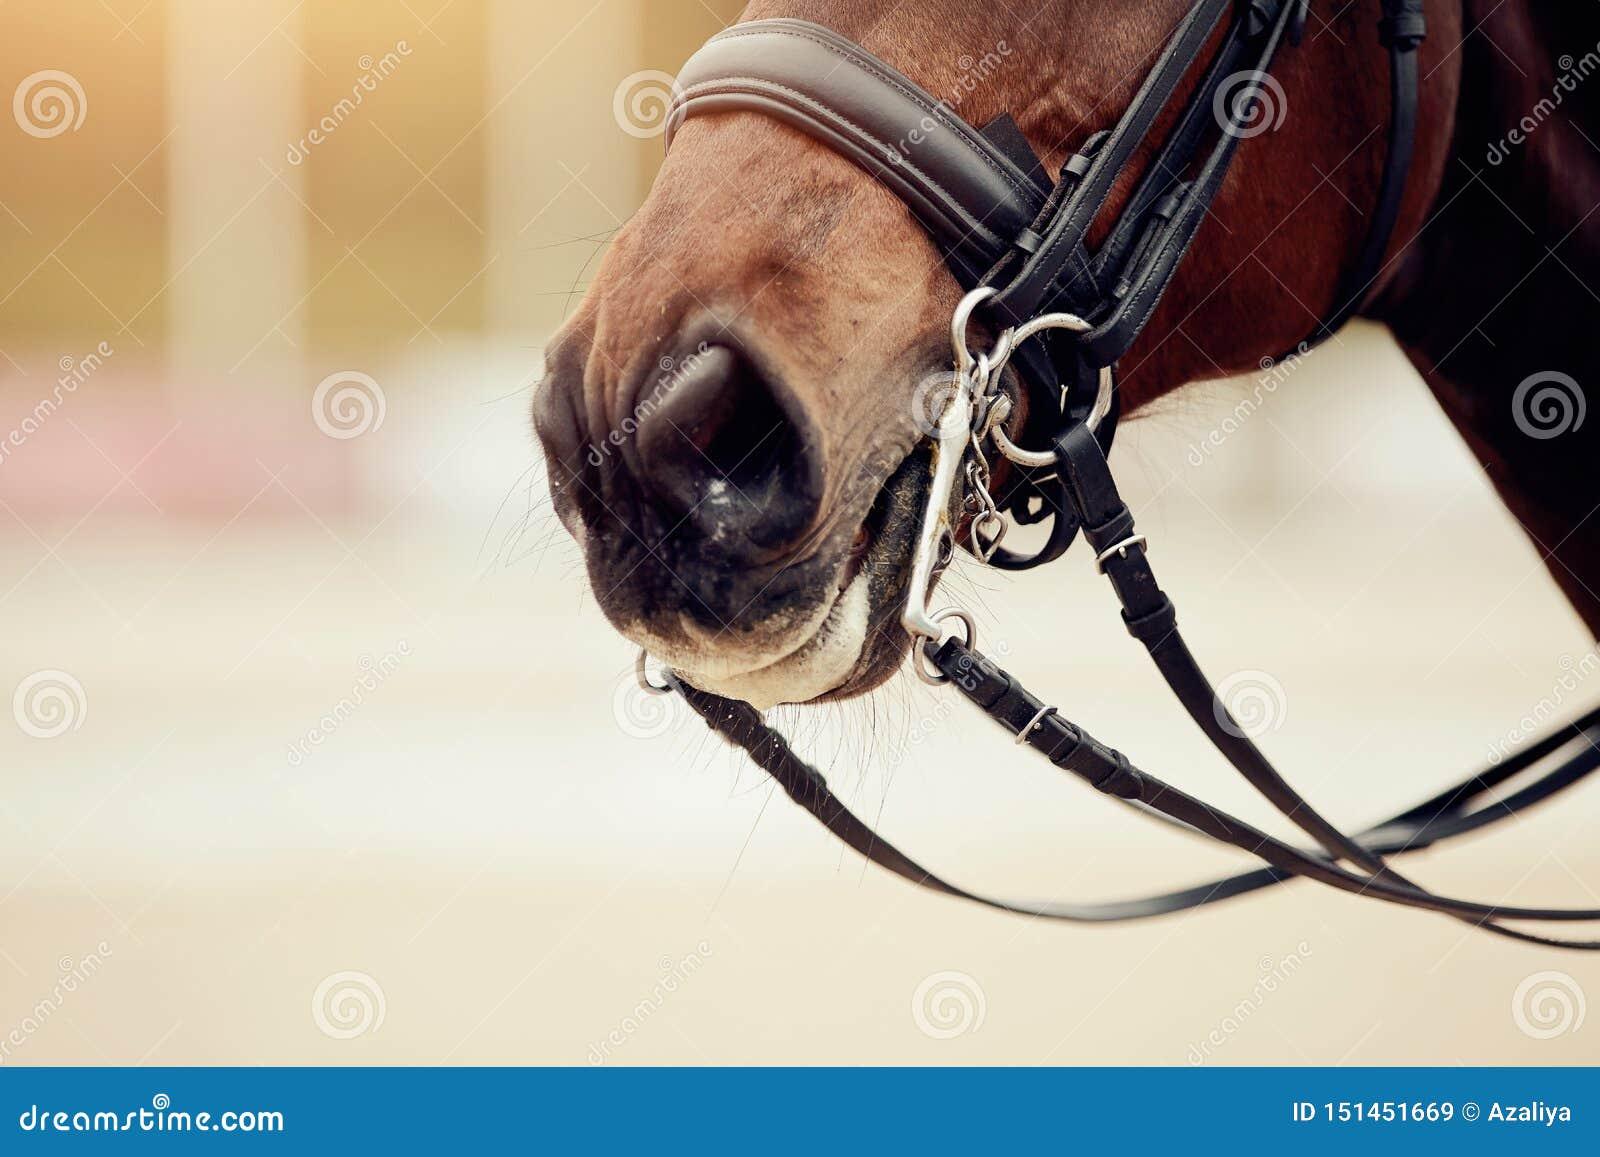 https://thumbs.dreamstime.com/z/le-nez-fol%C3%A2tre-cheval-brun-dans-double-frein-de-dressage-sport-questre-151451669.jpg